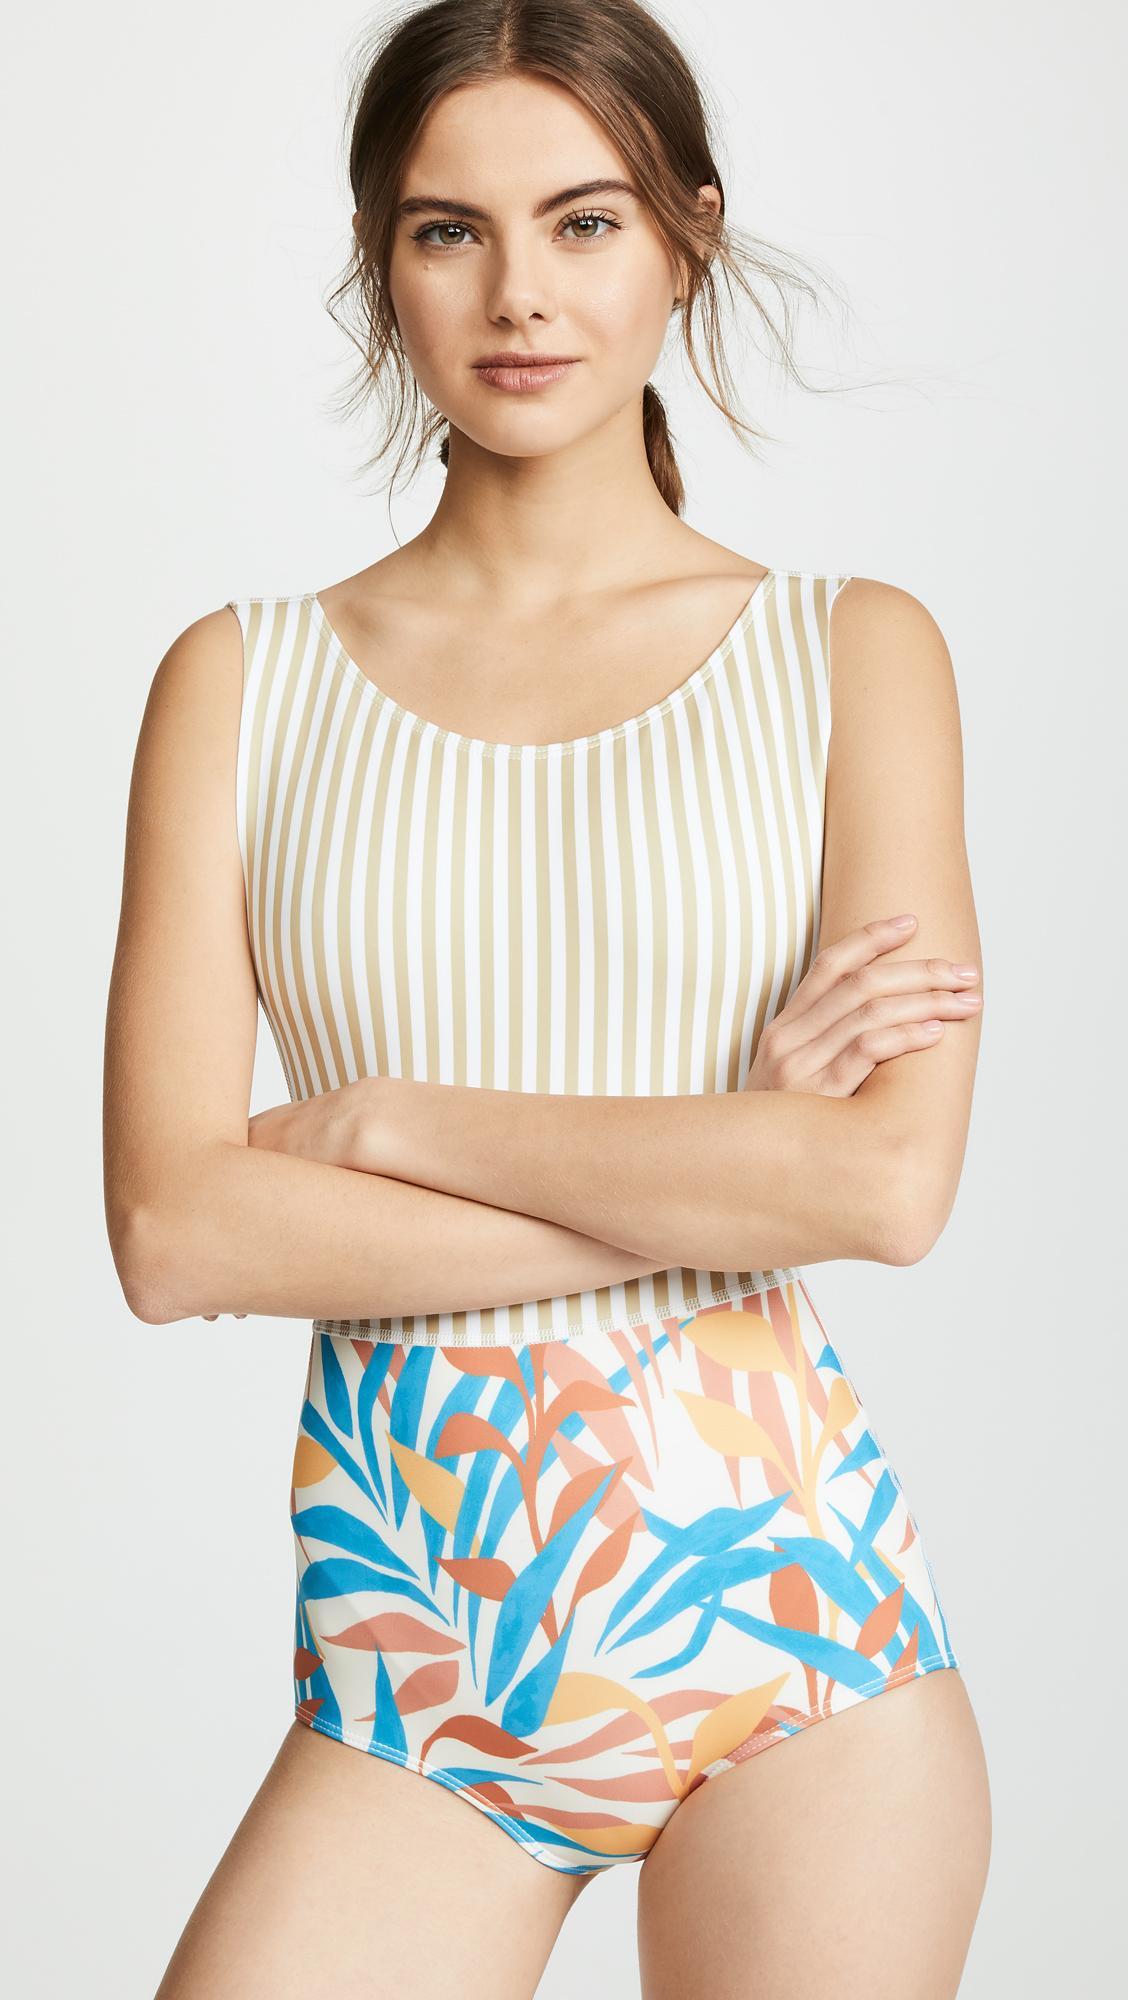 aceee1a5f9e1f7 Seea. Women's Lido One Piece Swimsuit